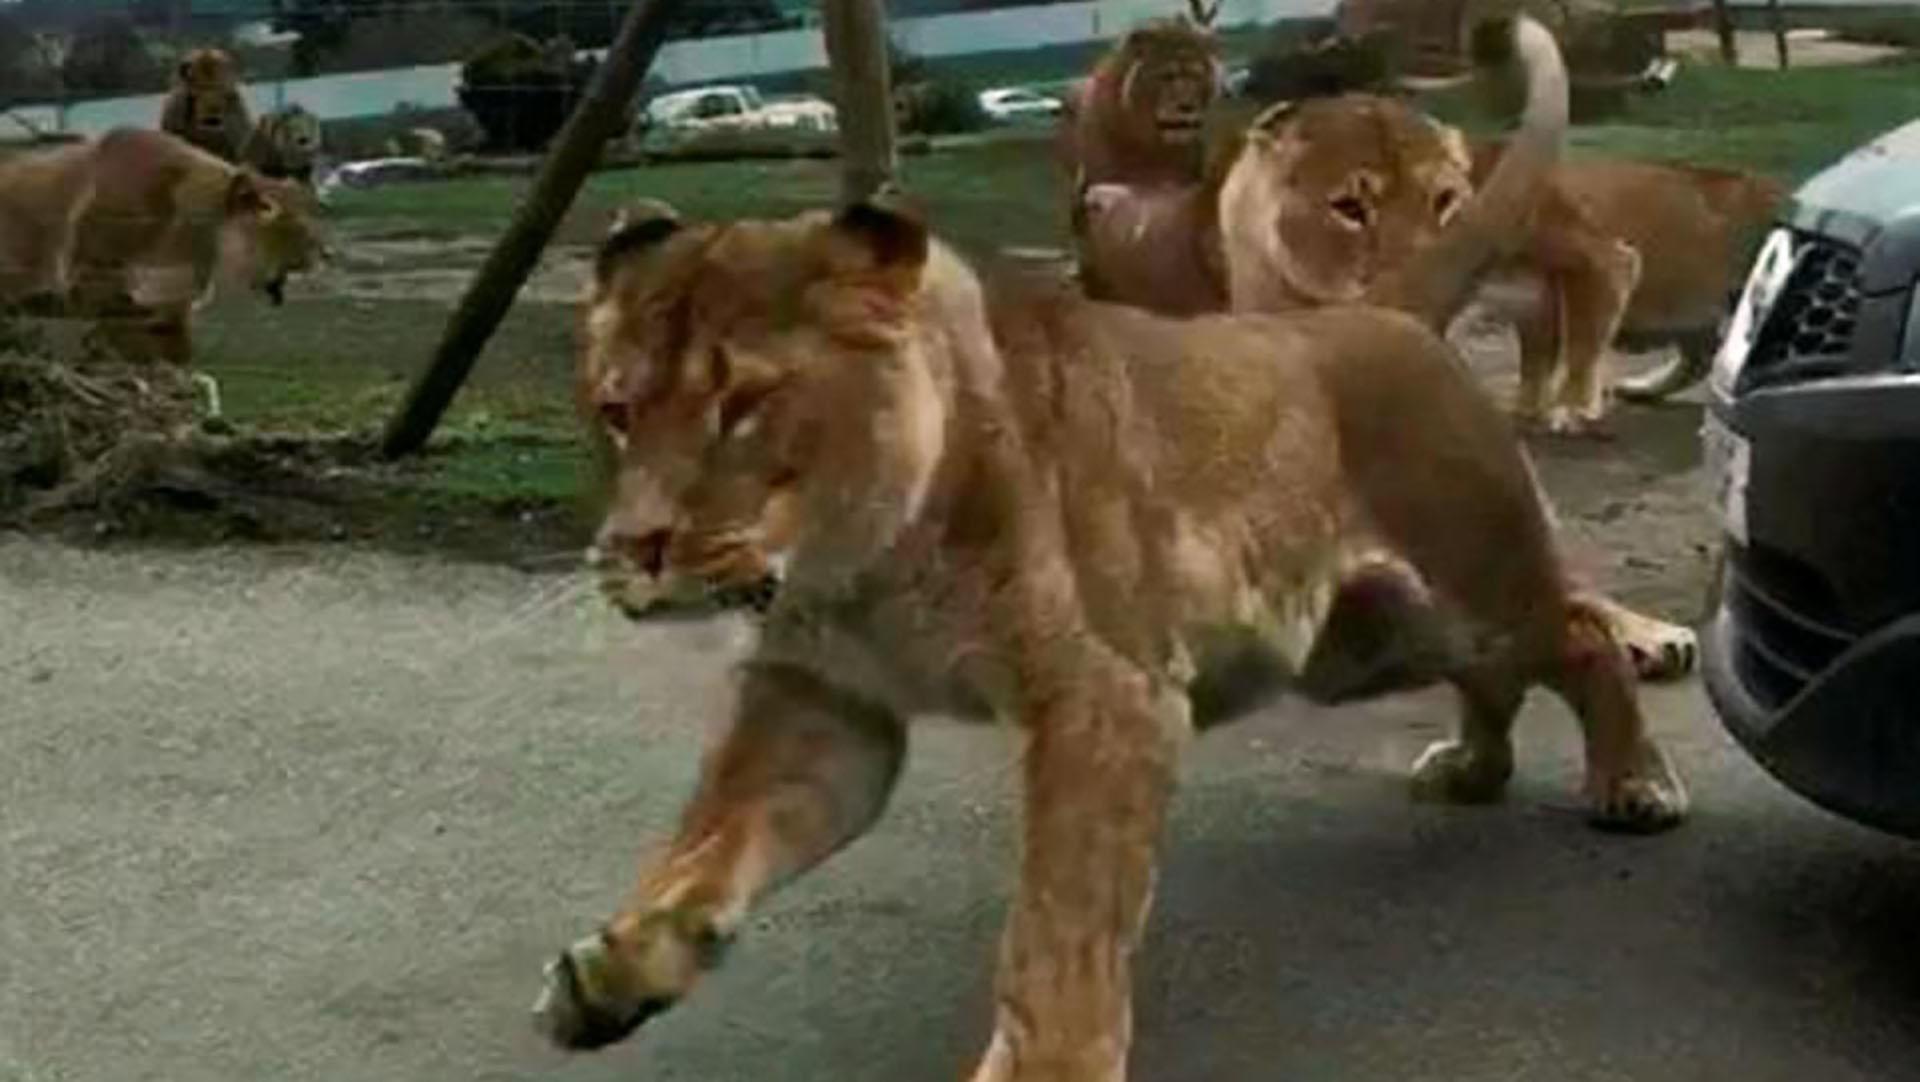 Los leones persiguen a la hembra de la manada